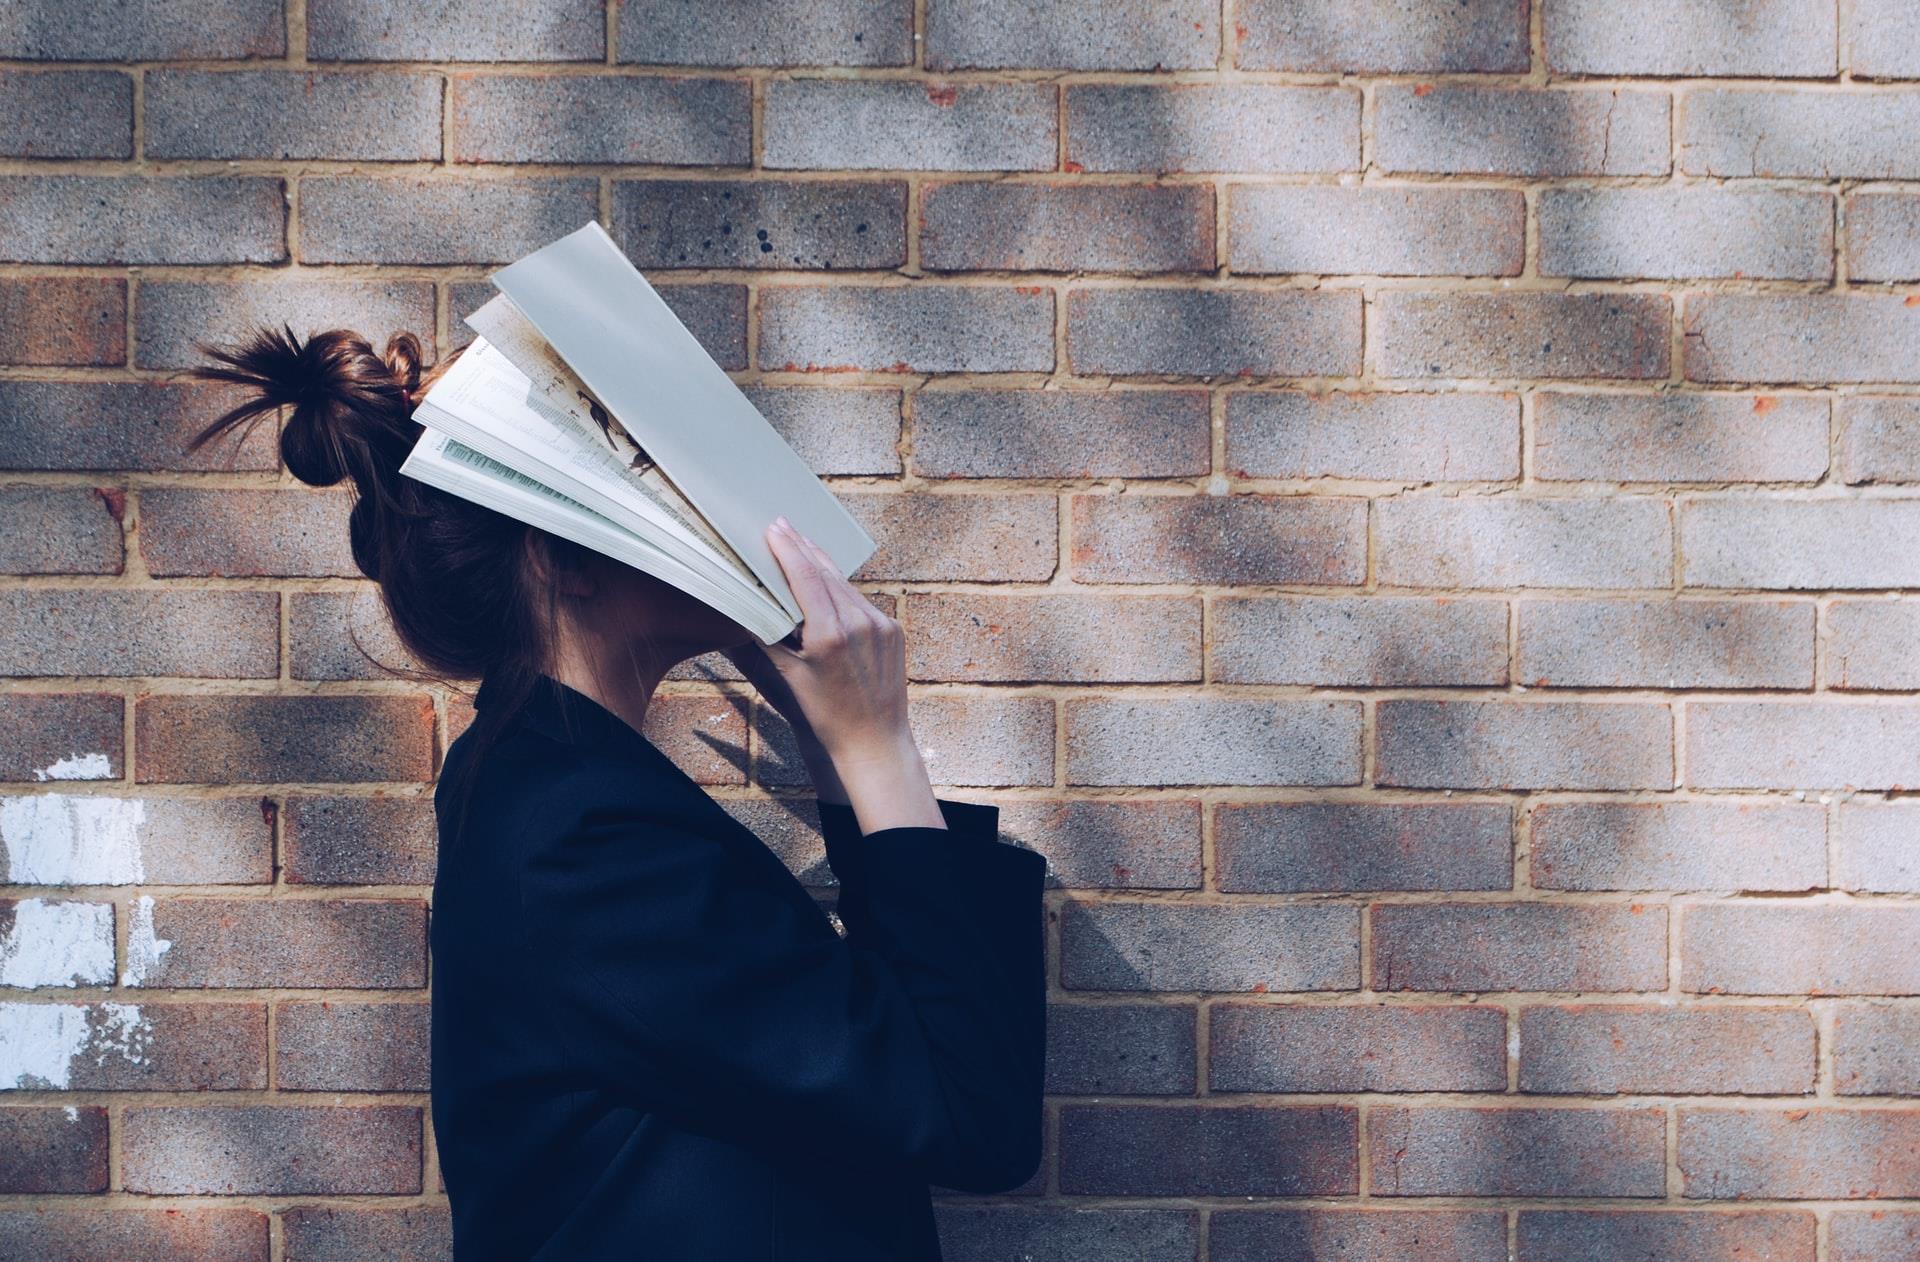 Aprender como ser mais produtivo nos estudos é bastante benéfico para o aluno.